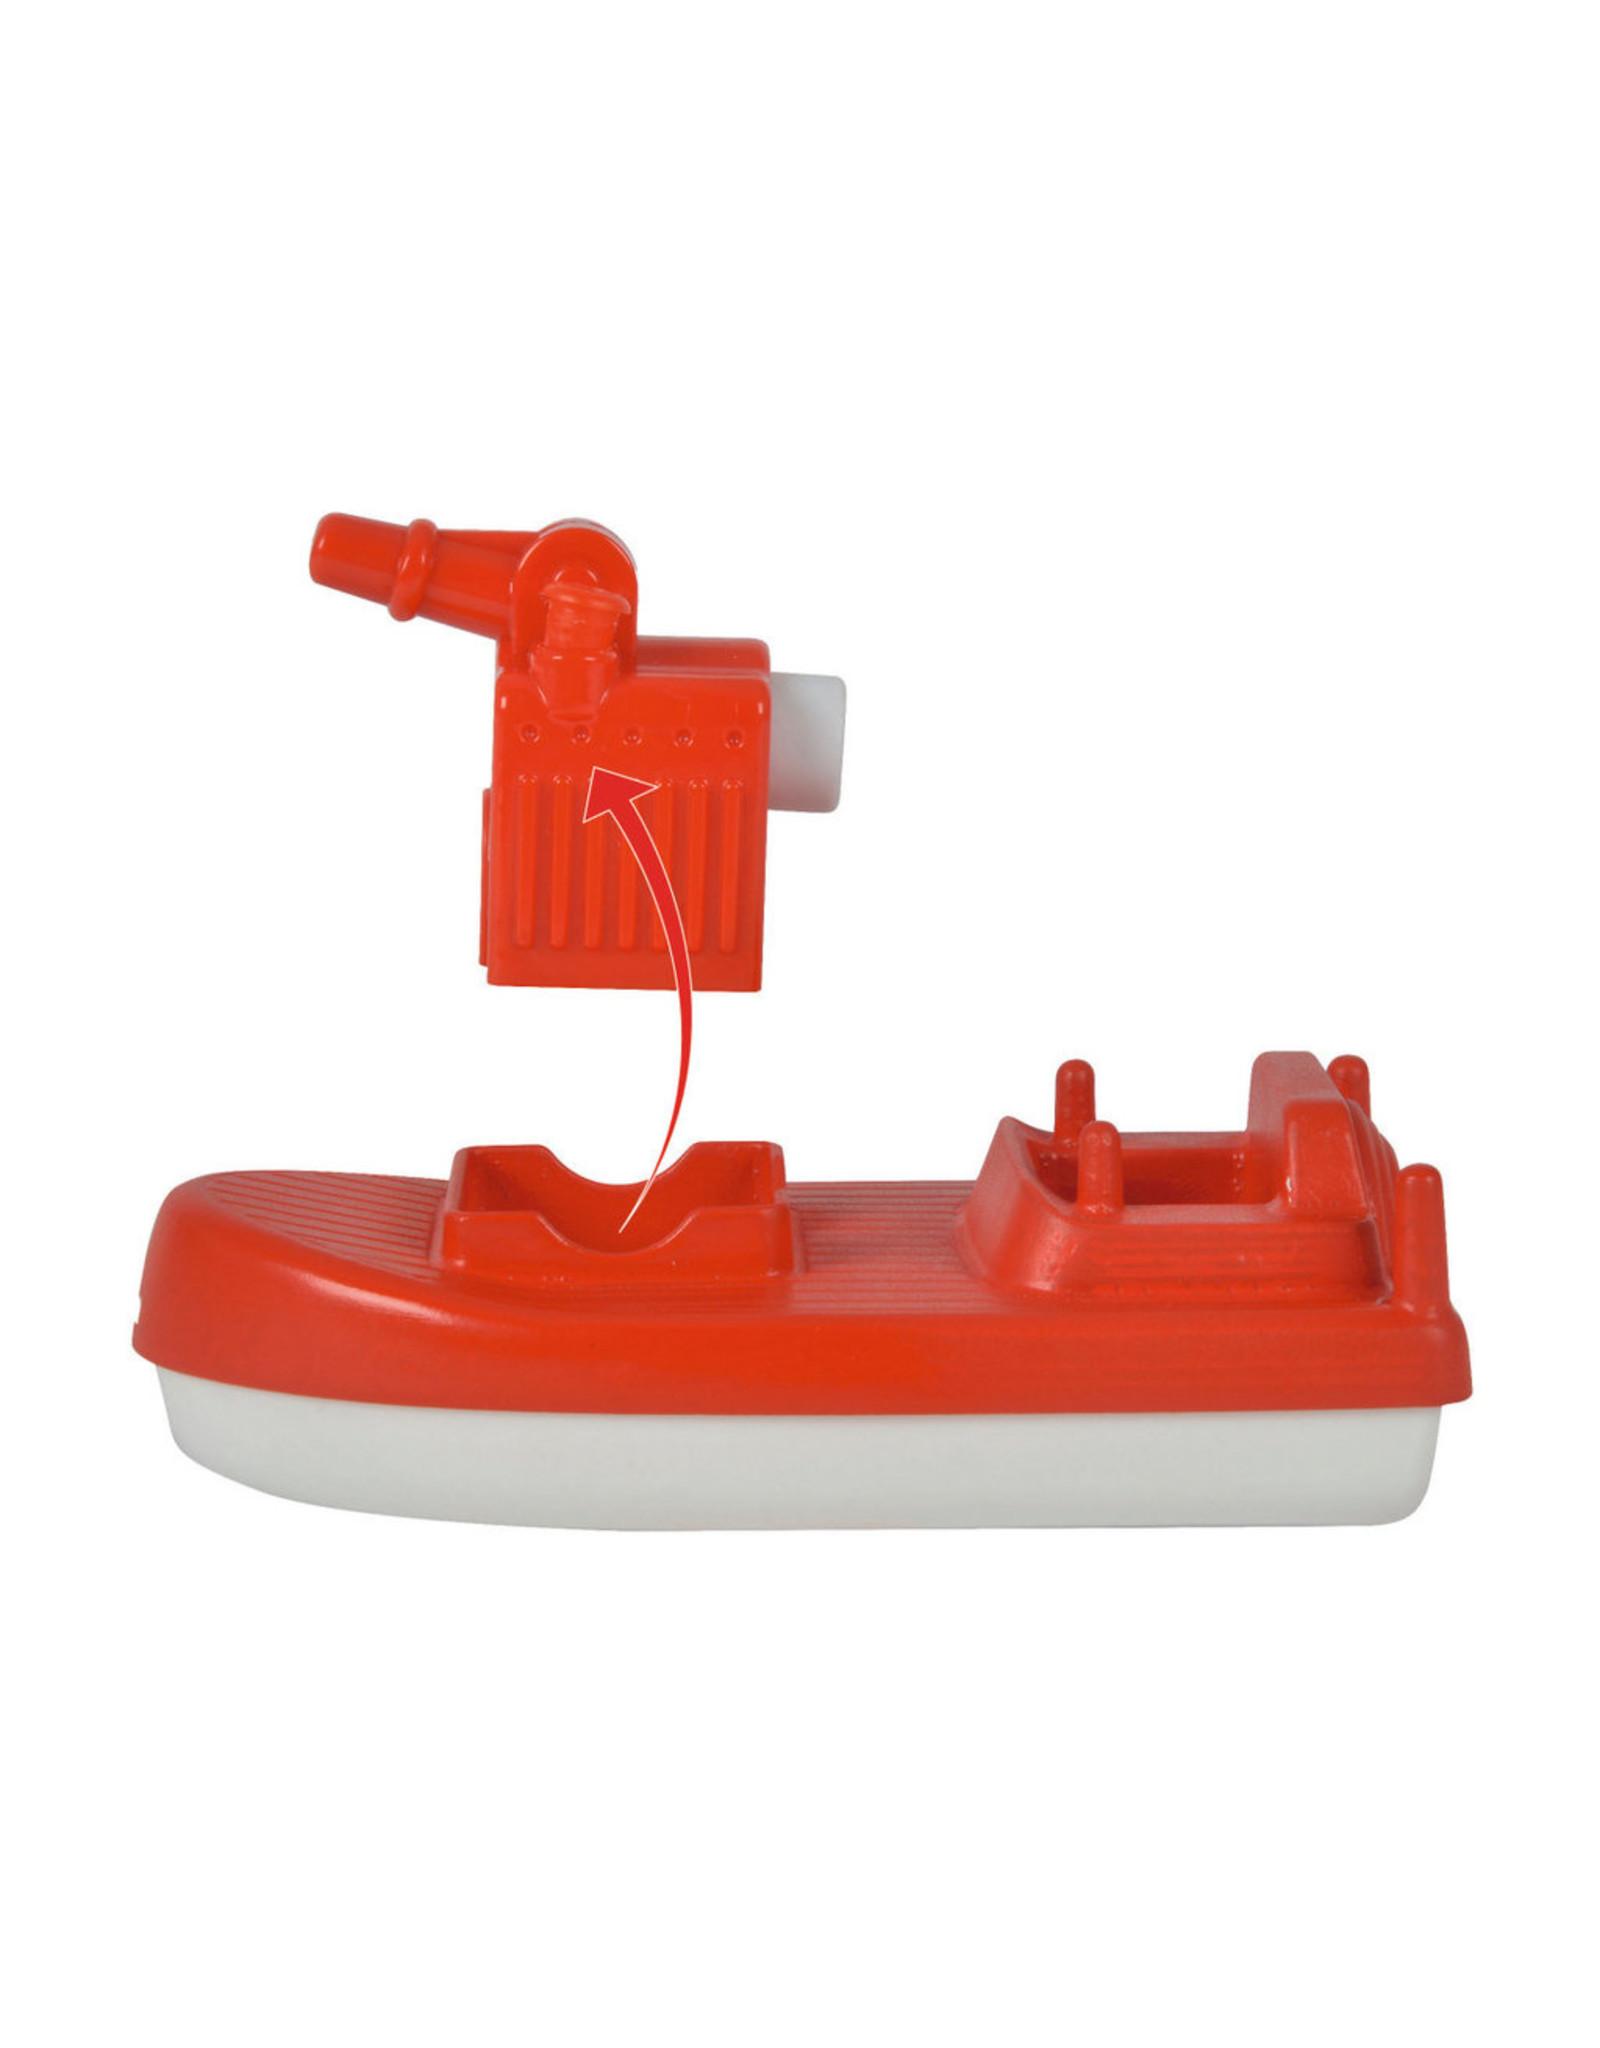 AquaPlay AquaPlay FireBoat